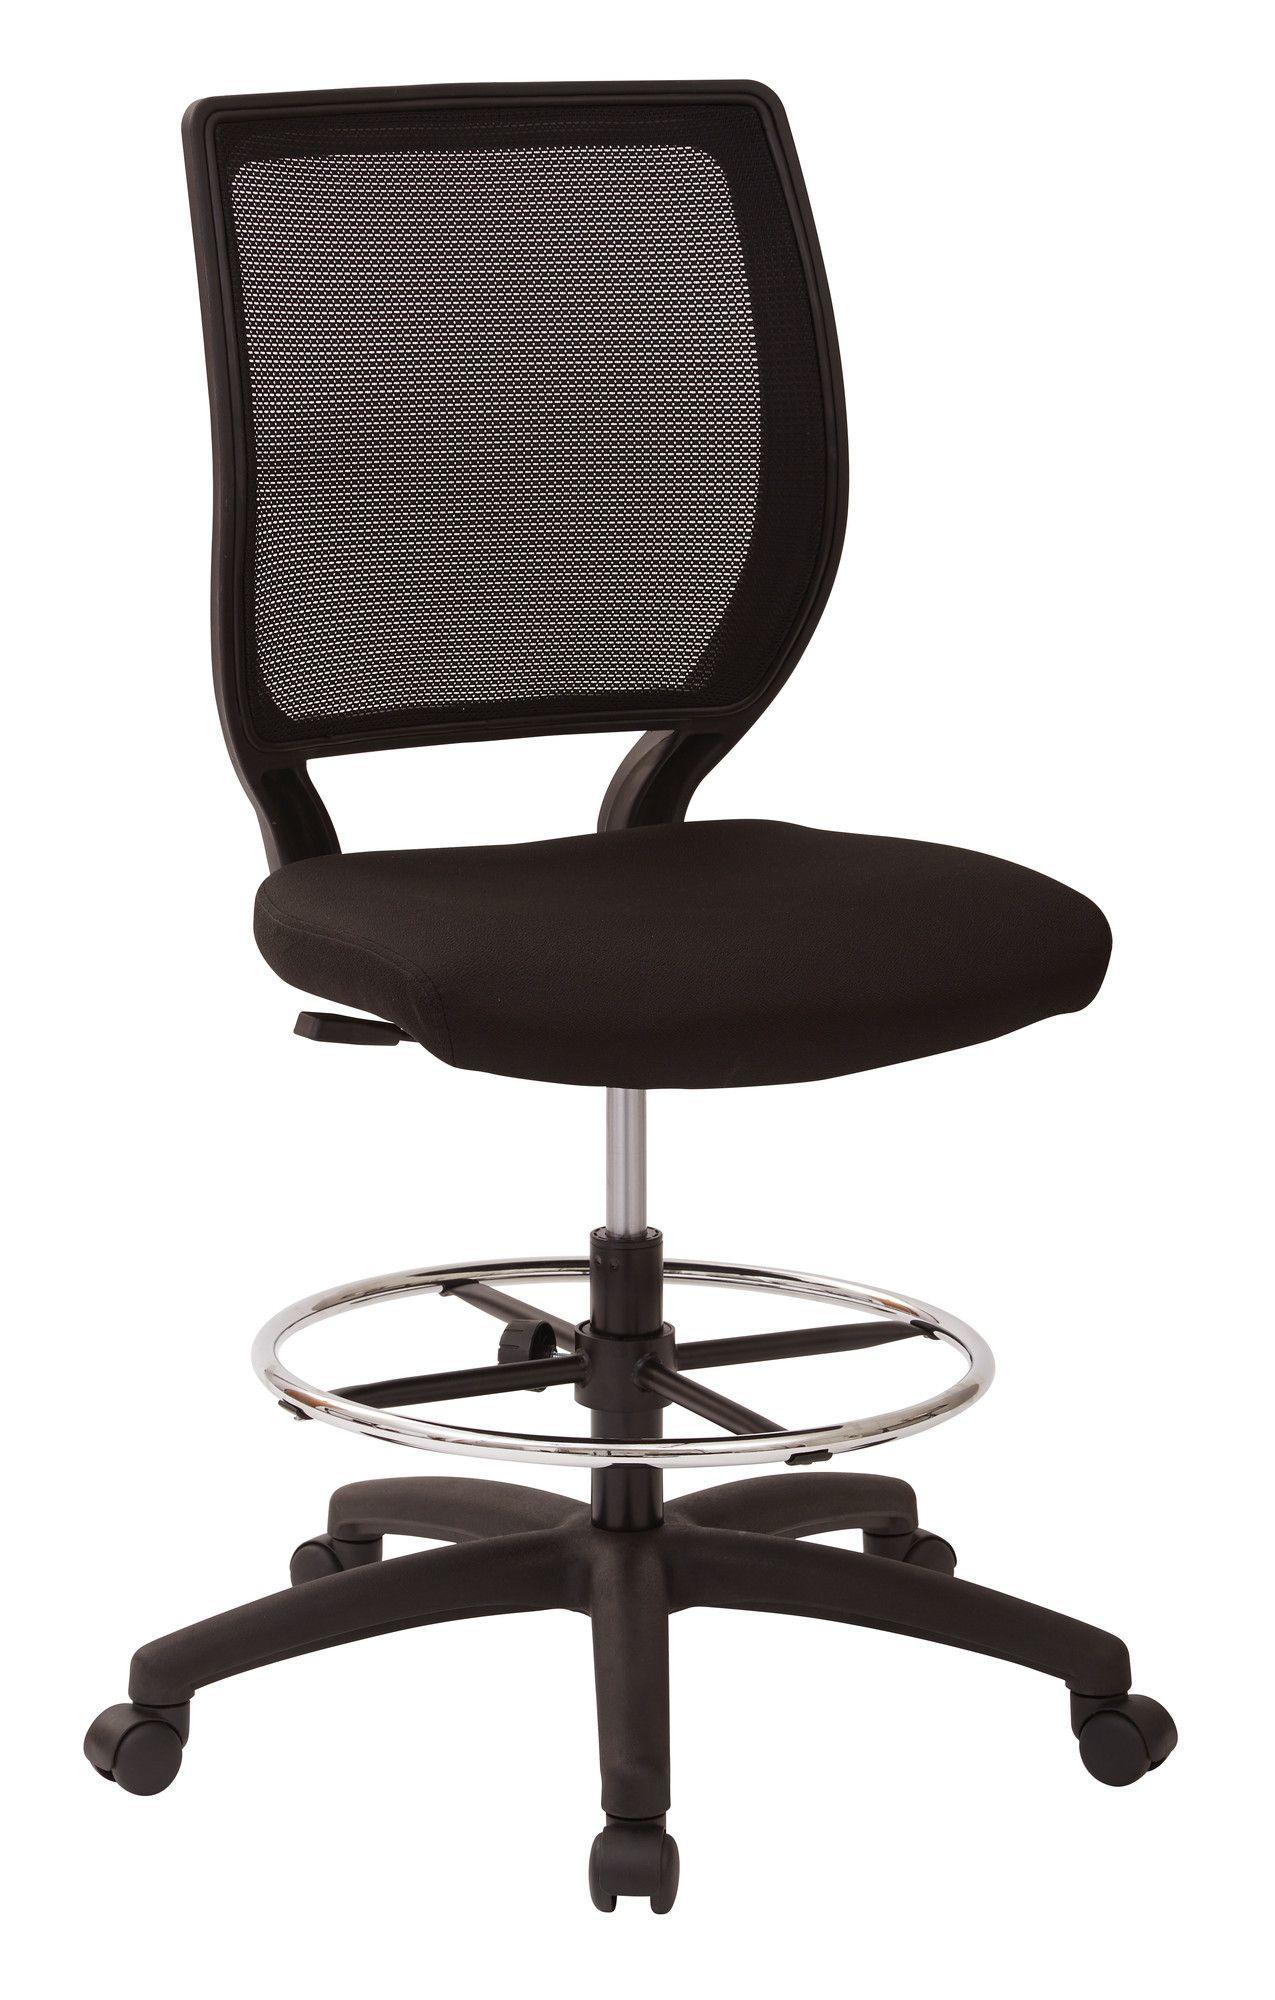 Mesh Drafting Chair Drafting Chair Chair Mesh Office Chair